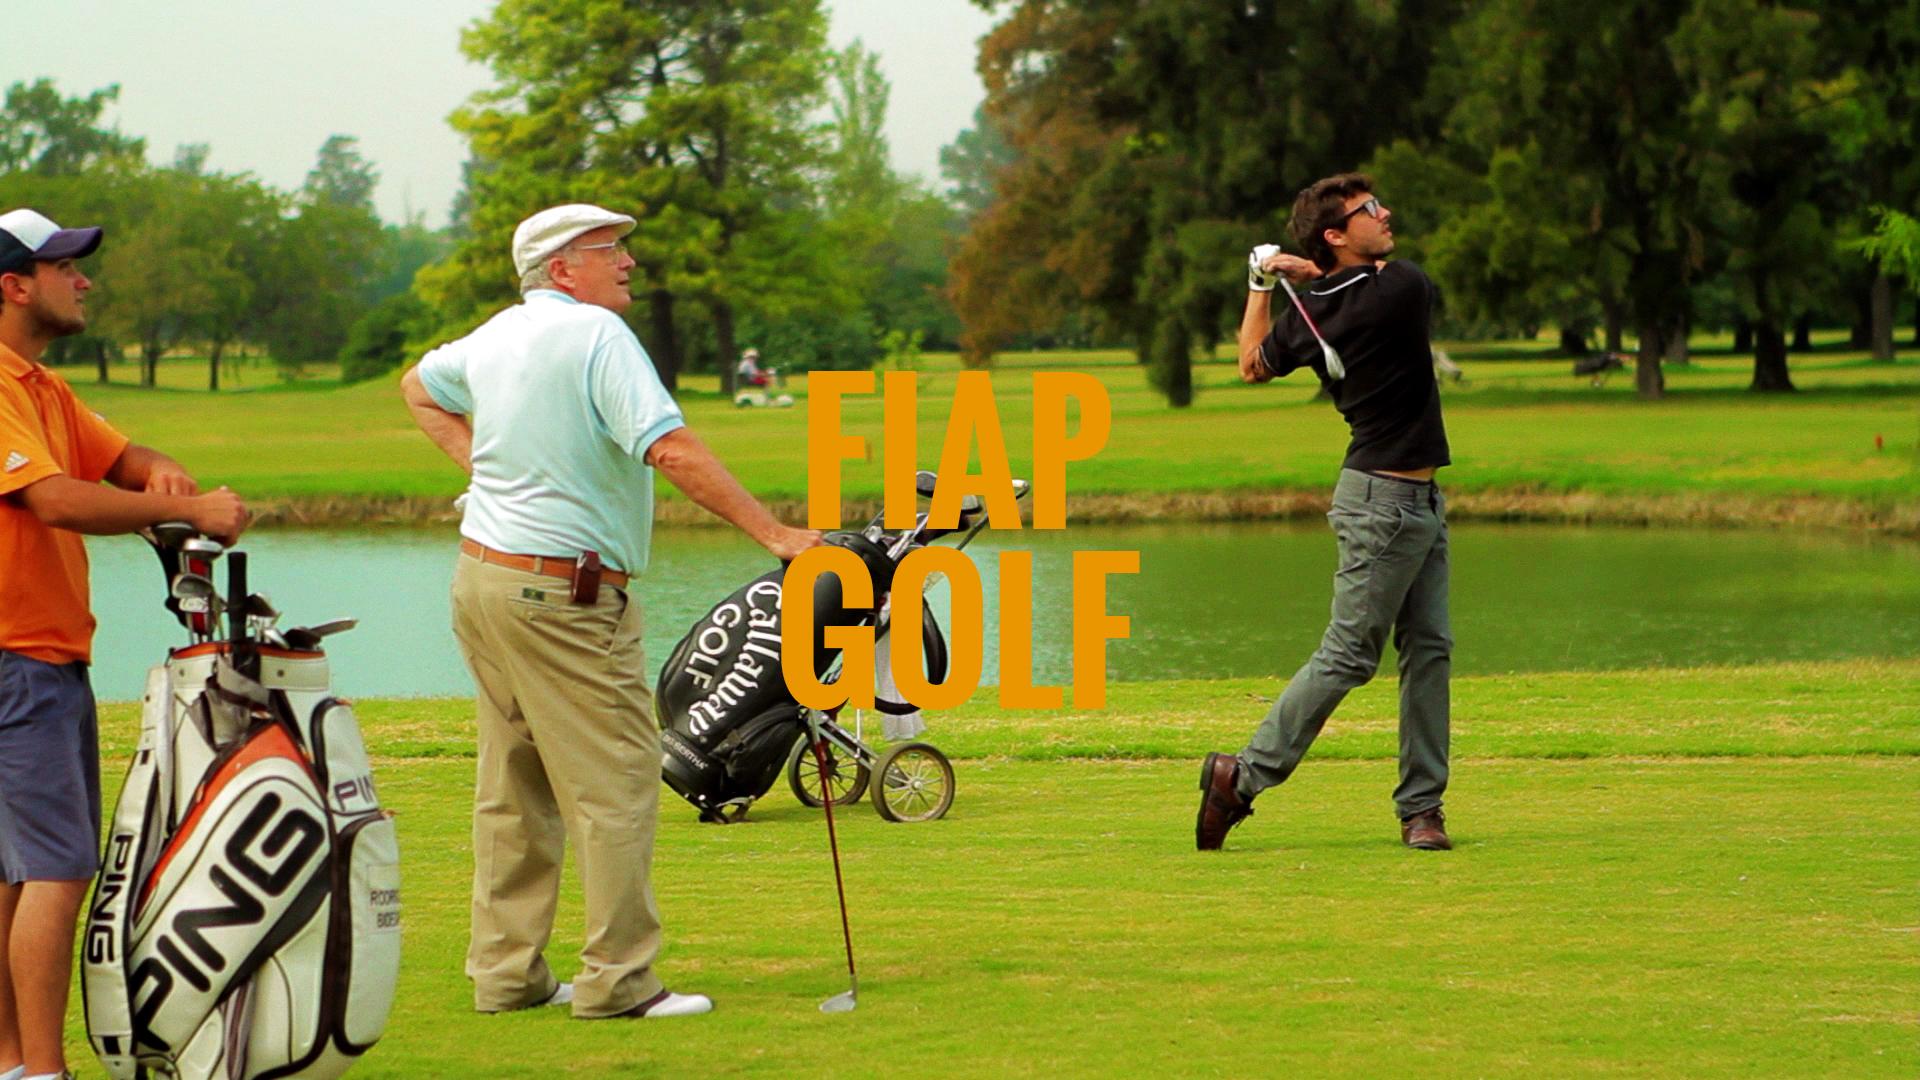 Fiap – Golf